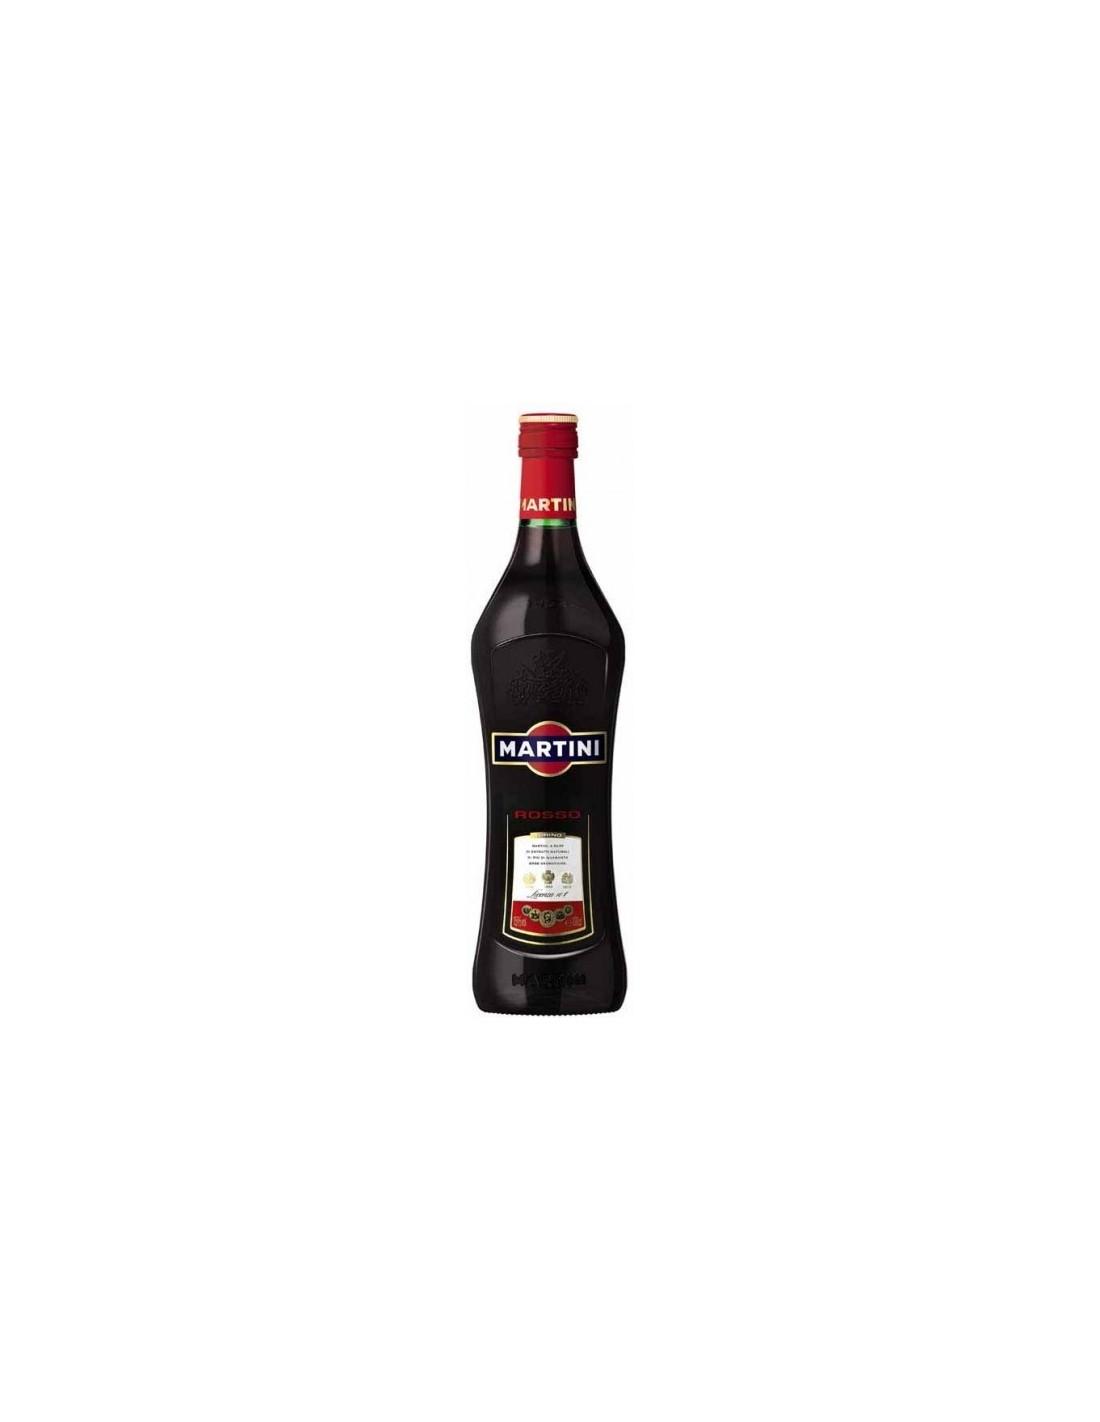 Aperitiv Martini Rosso, 15% alc., 0.75L, Italia